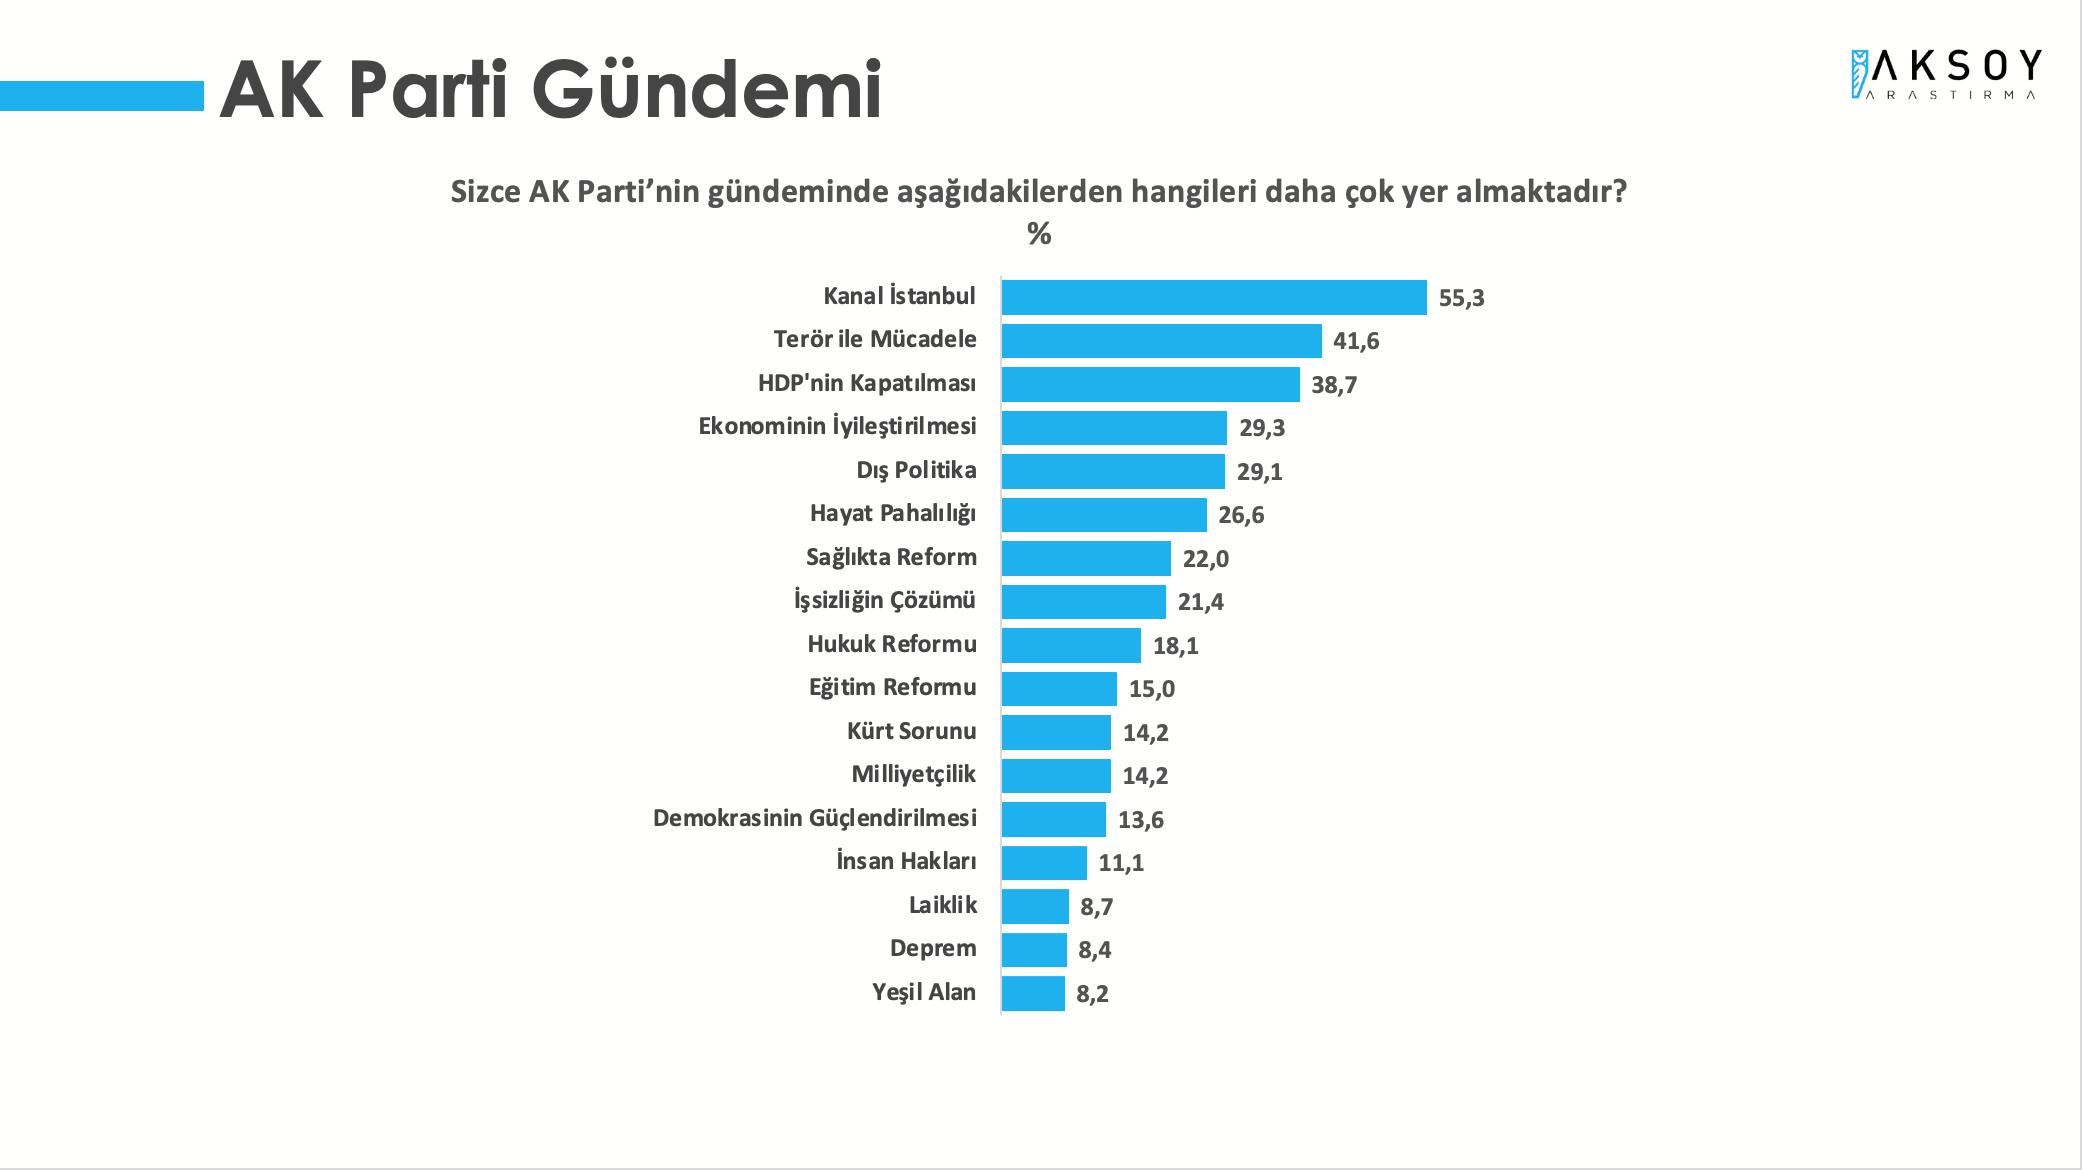 <p><strong>AKP GÜNDEMİ KANAL İSTANBUL OLURKEN; CHP'NİN GÜNDEMİ HAYAT PAHALILIĞI</strong></p><p>Araştırmada, sizce 'AKP'nin gündemi nedir?' sorusuna, katılımcıların yüzde 55,3'ü 'Kanal İstanbul' yanıtını verirken, sizce 'CHP'nin gündemi nedir?' sorusuna katılımcıların yüzde 53,6'sı 'Hayat Pahalılığı' yanıtını verdi.</p>